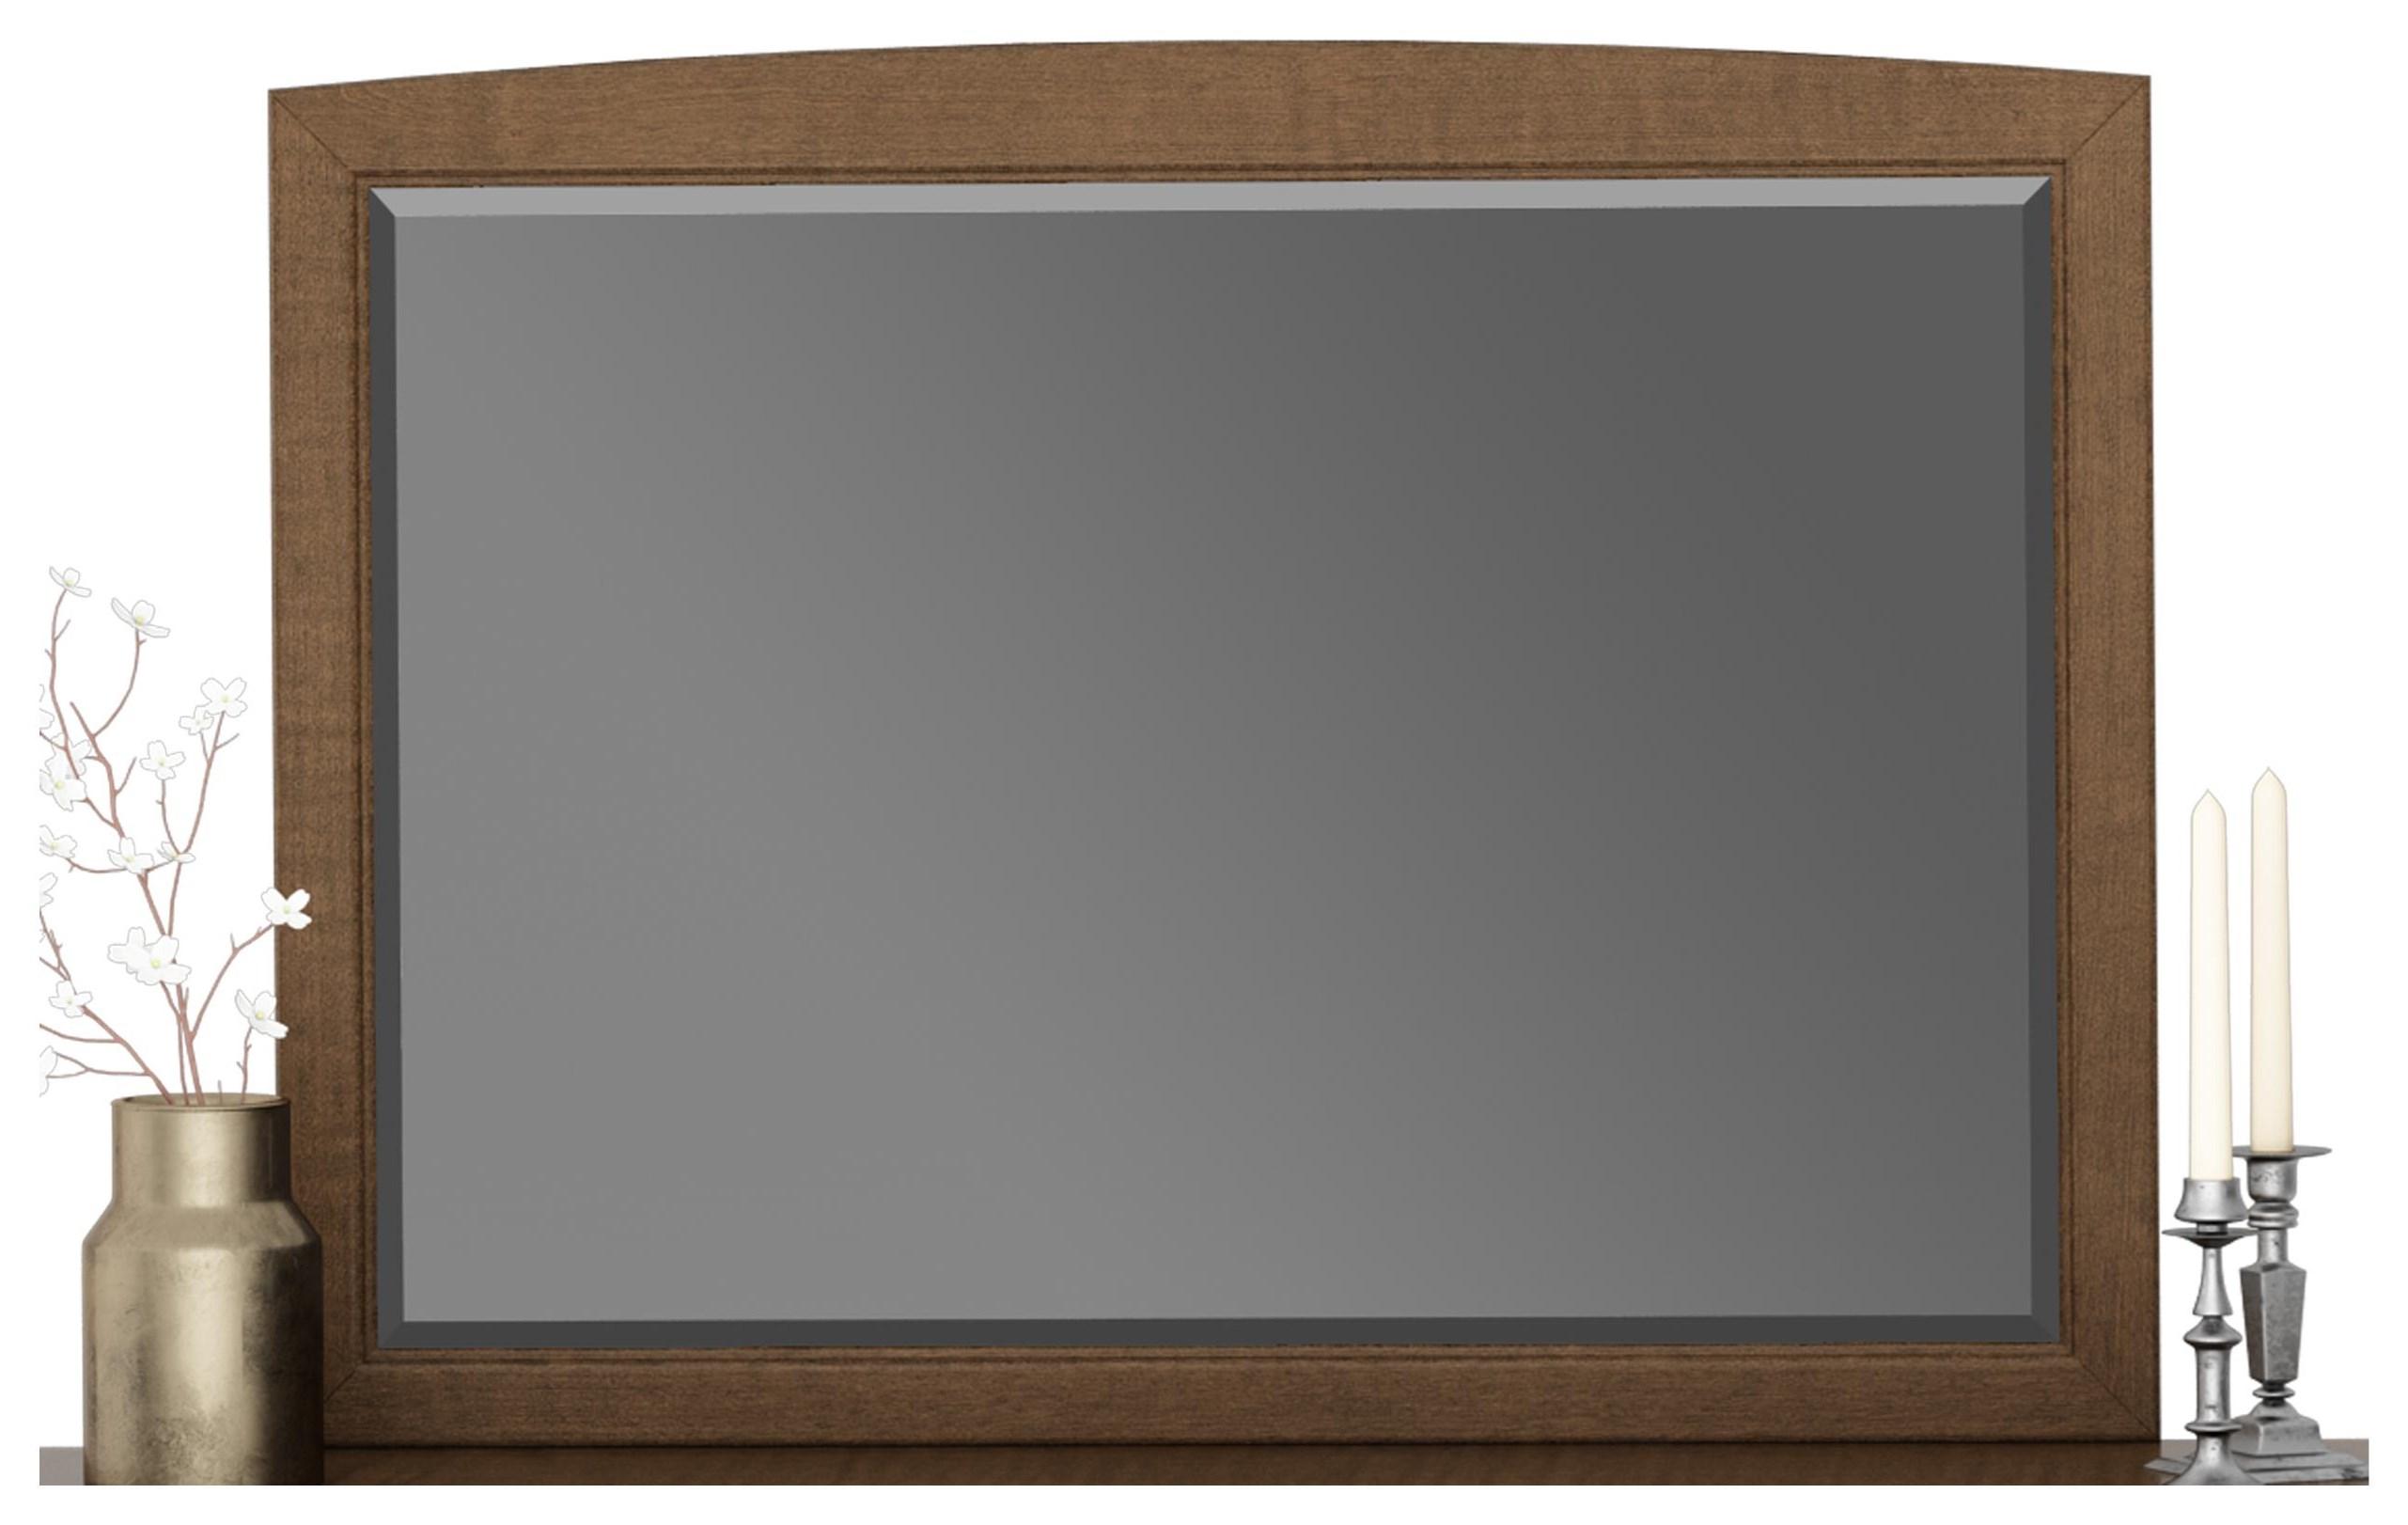 Sienna Landscape Mirror by Defehr at Stoney Creek Furniture